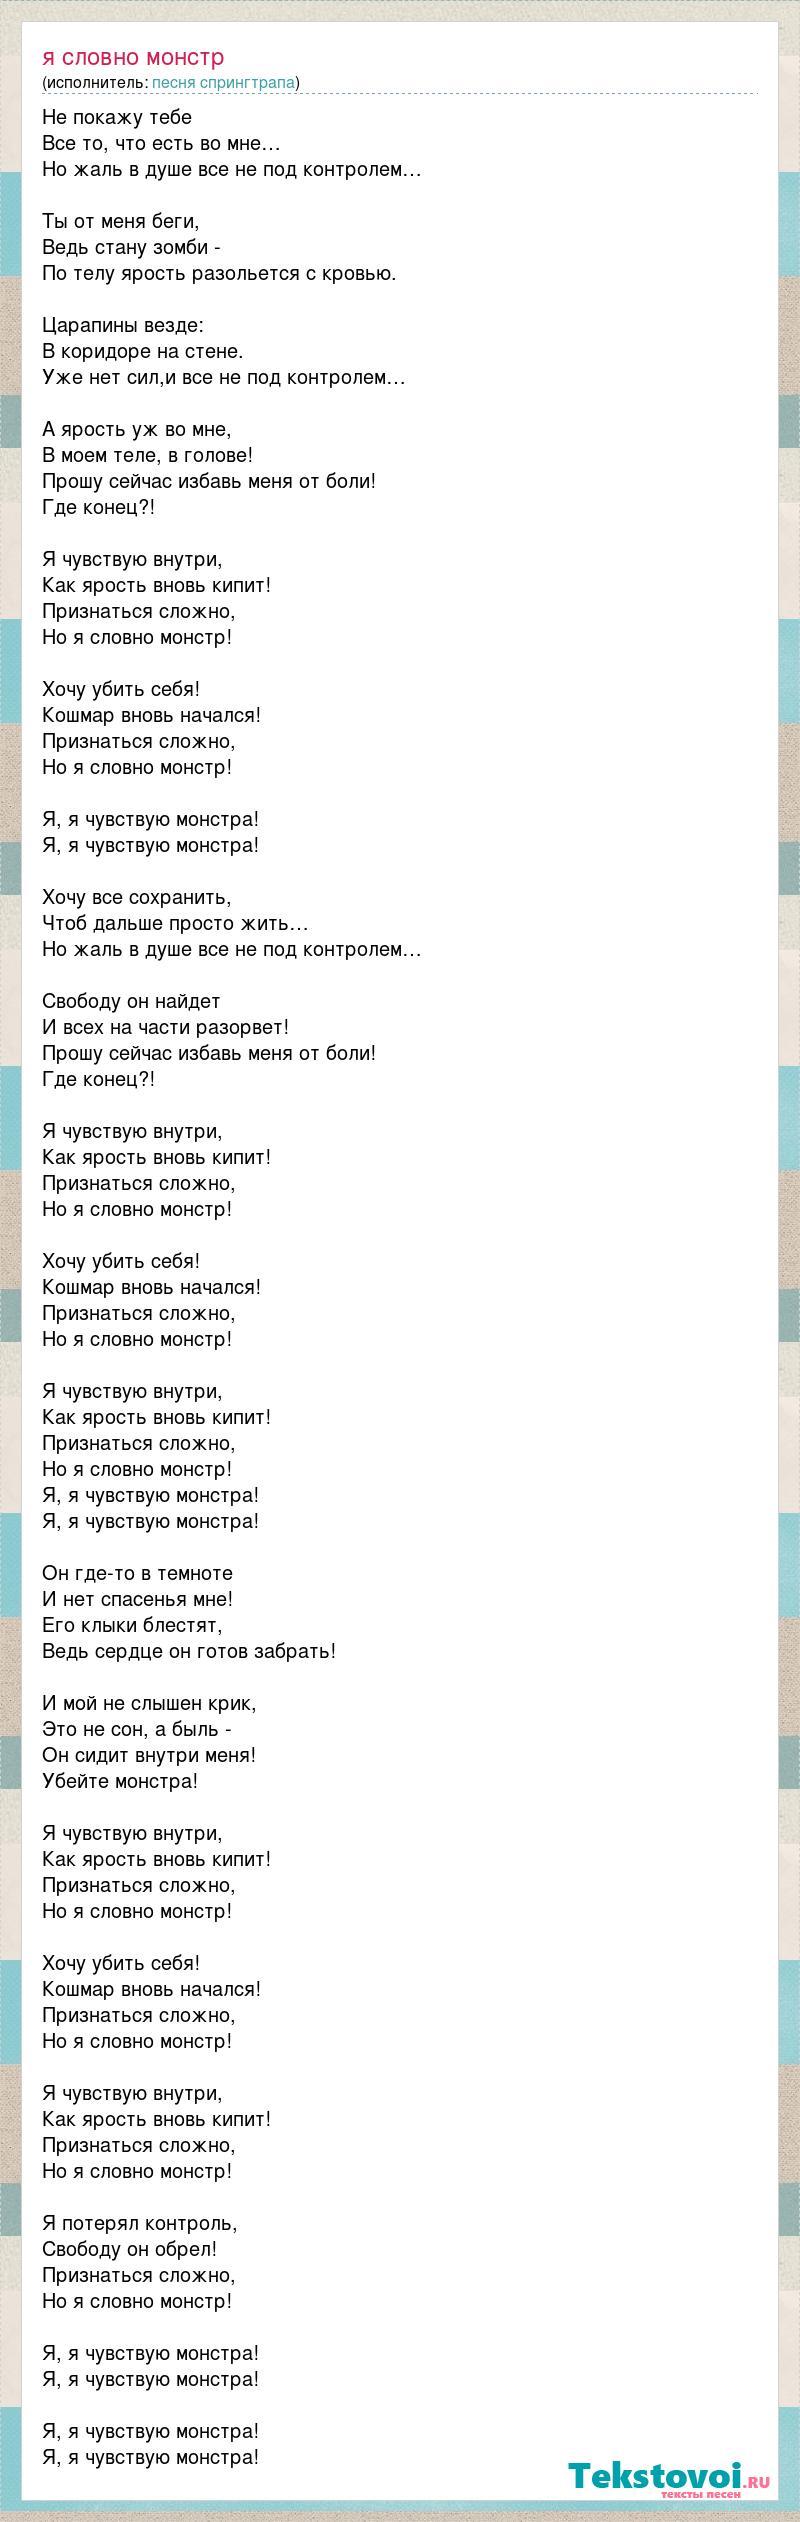 Скачать музыку skillet monster на русском языке.